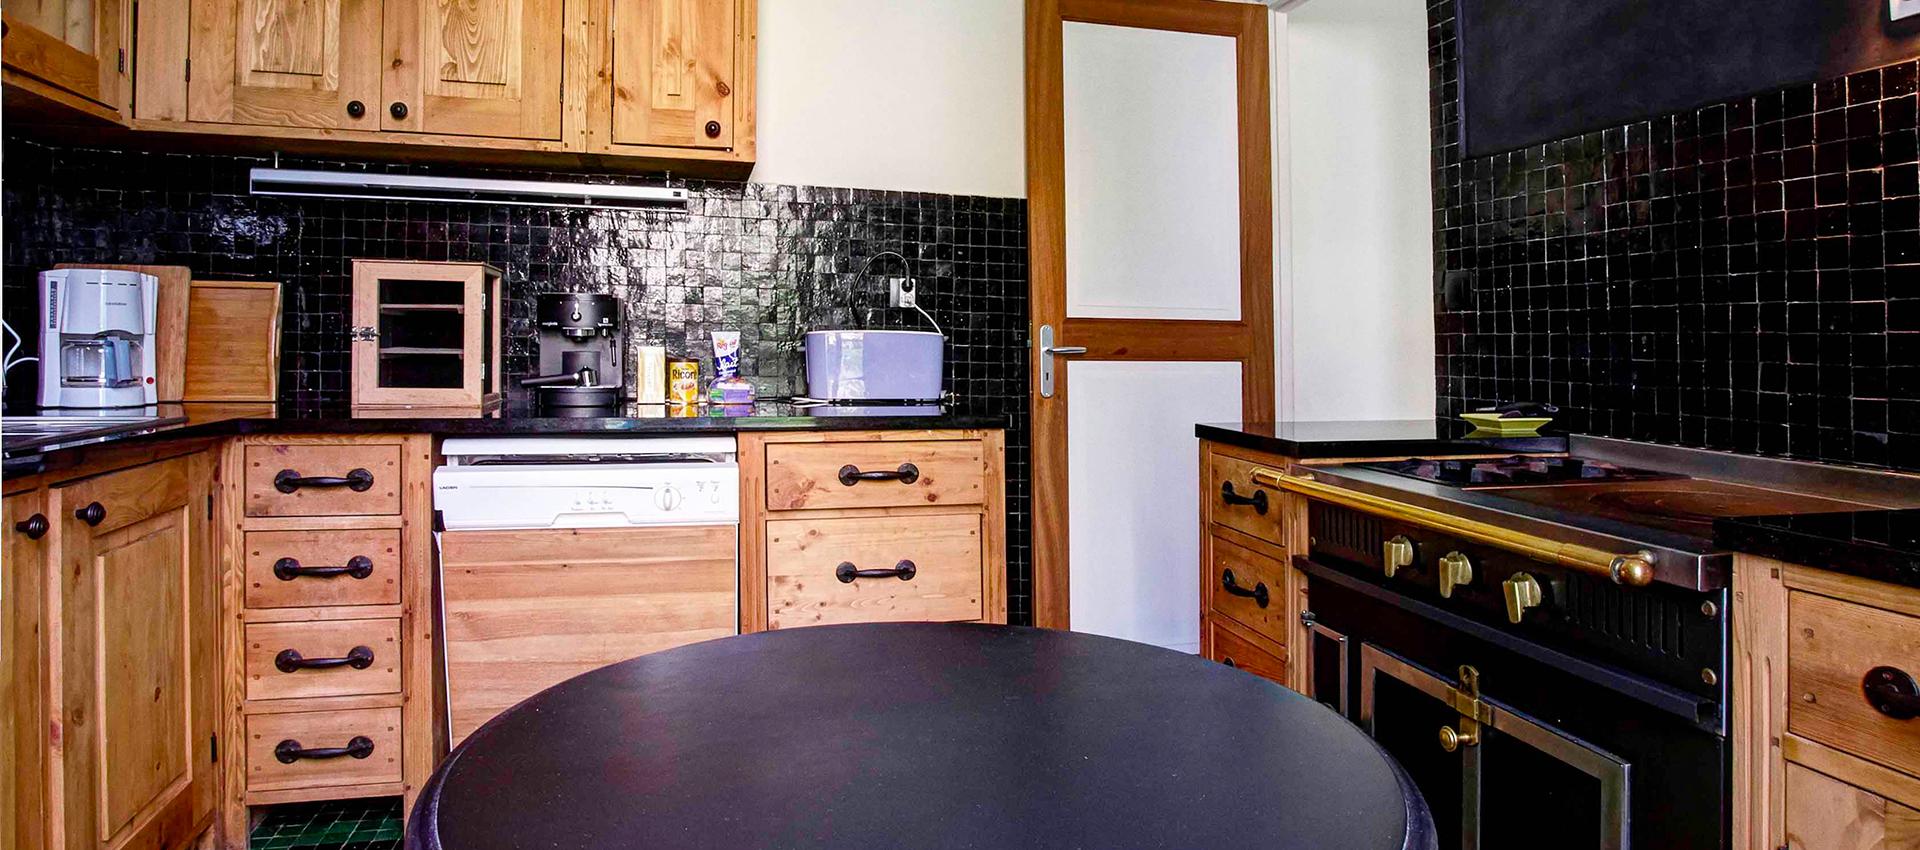 La cuisine de l'Occident, maison de location saisonnière en Baie de Somme.